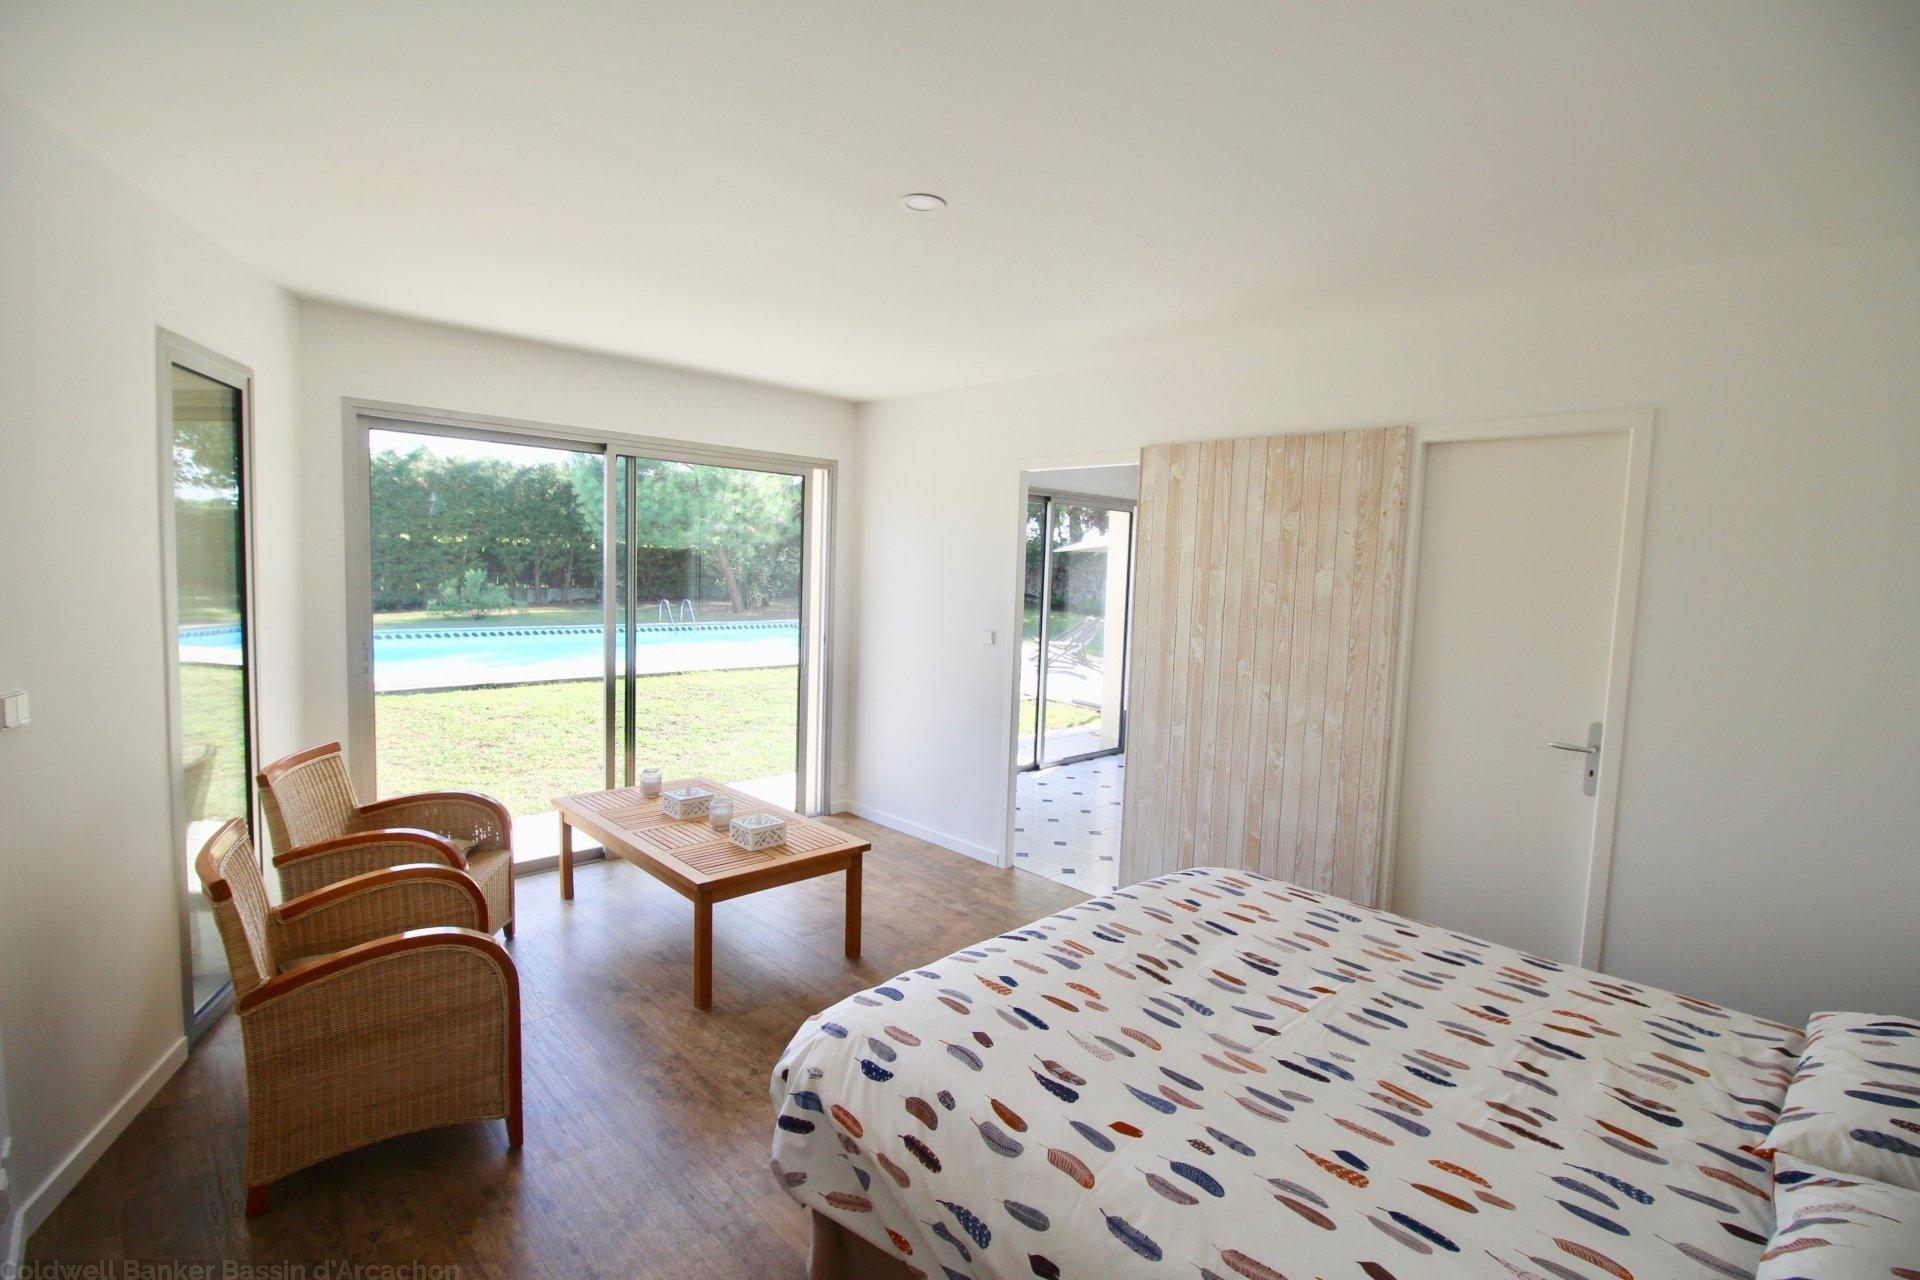 acheter maison familiale 4 chambres avec jardin et piscine merignac proche bordeaux